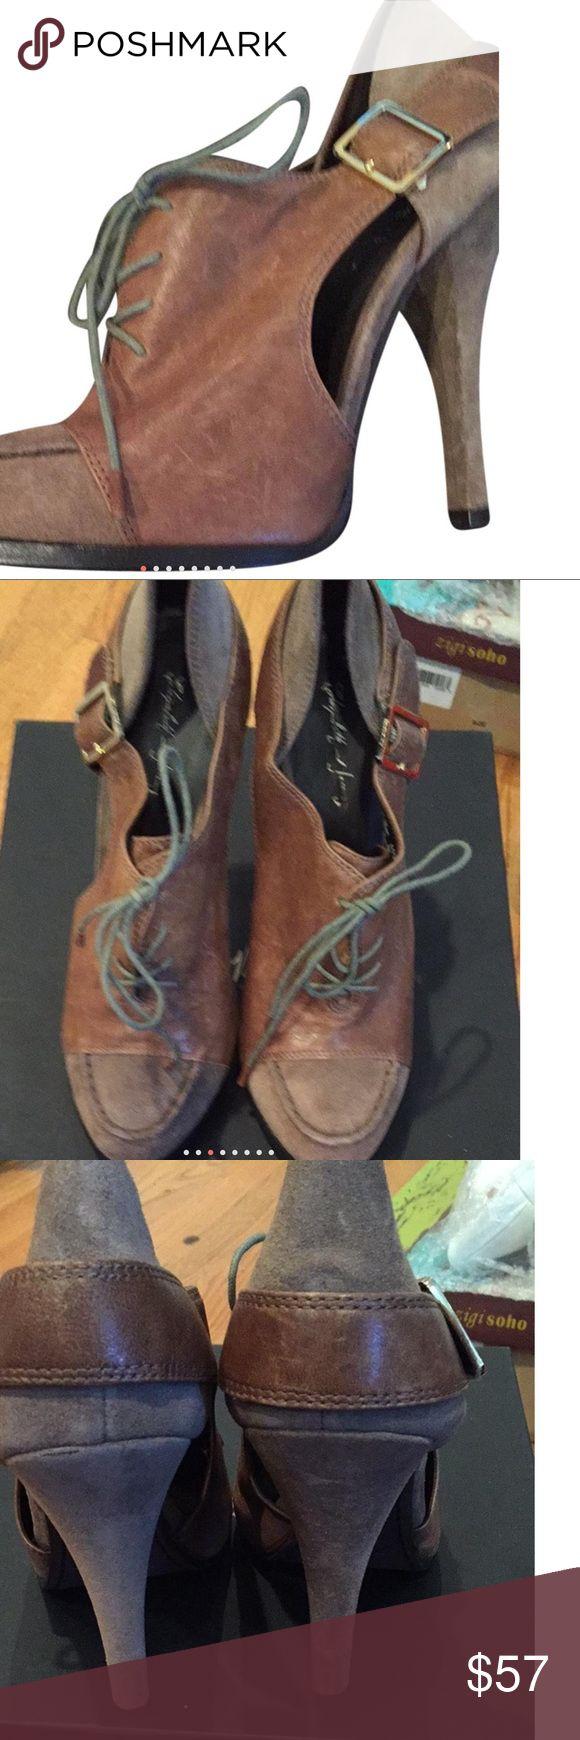 New Elizabeth & James 10 suede heels Lace up heels, final reduction unless bundled for additional 10%. Elizabeth and James Shoes Heels